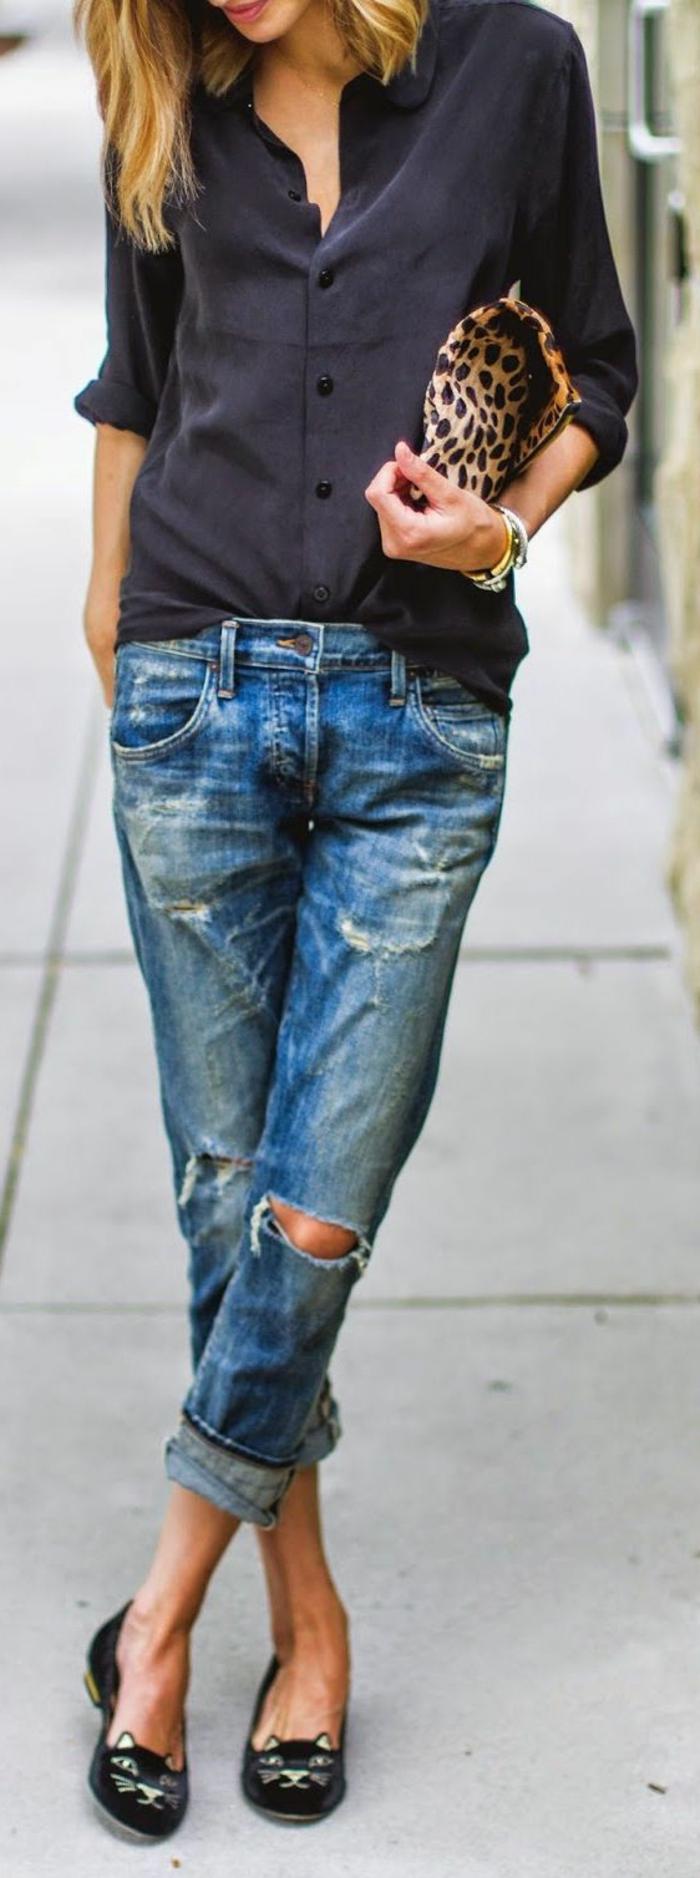 sportlich elegante kleidung jeans hemd in schwarz katzenschuhe katze motiv auf schuhe leotasche